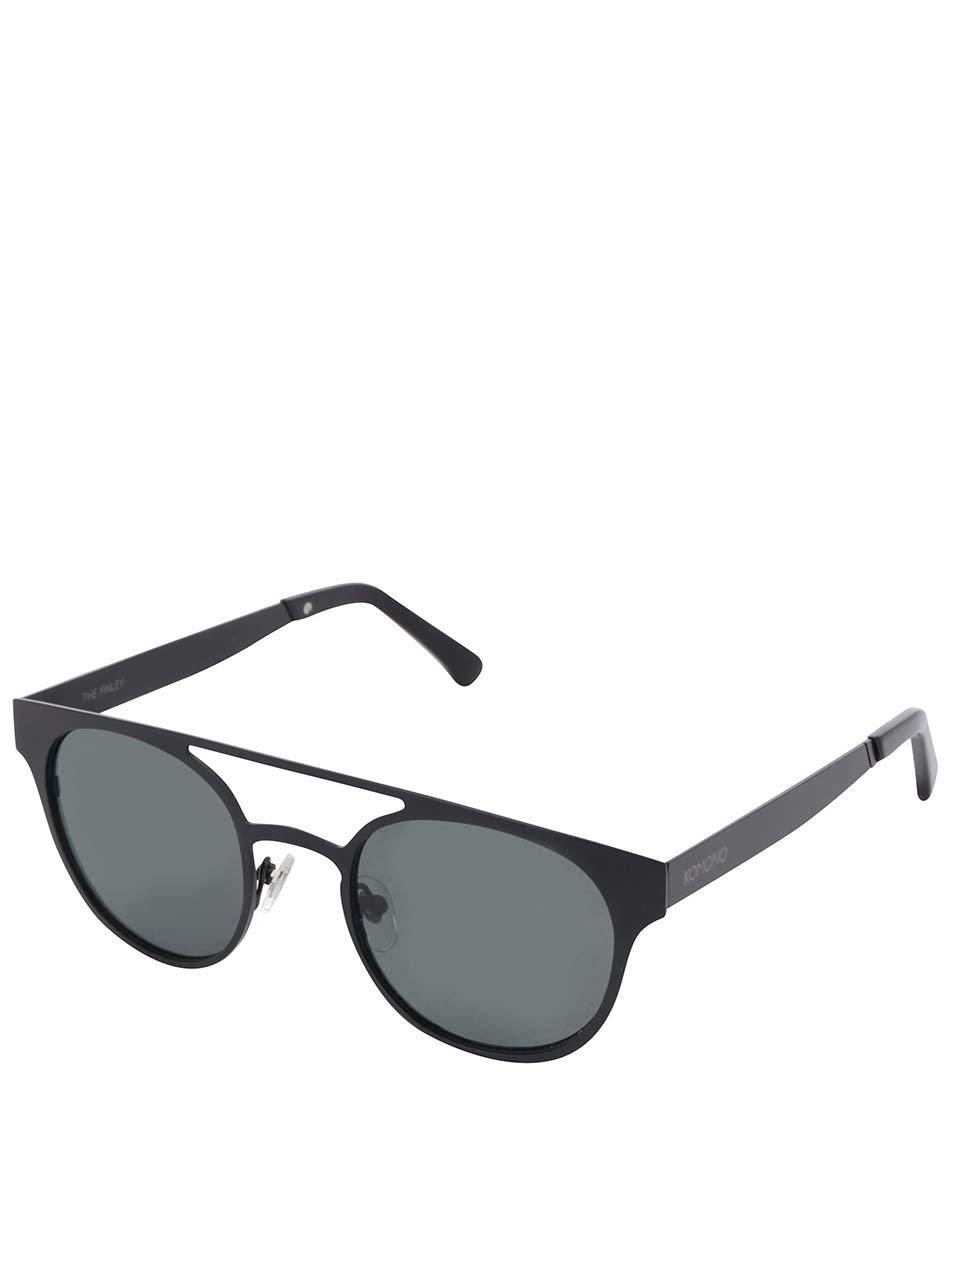 Černé unisex sluneční brýle Komono Finley